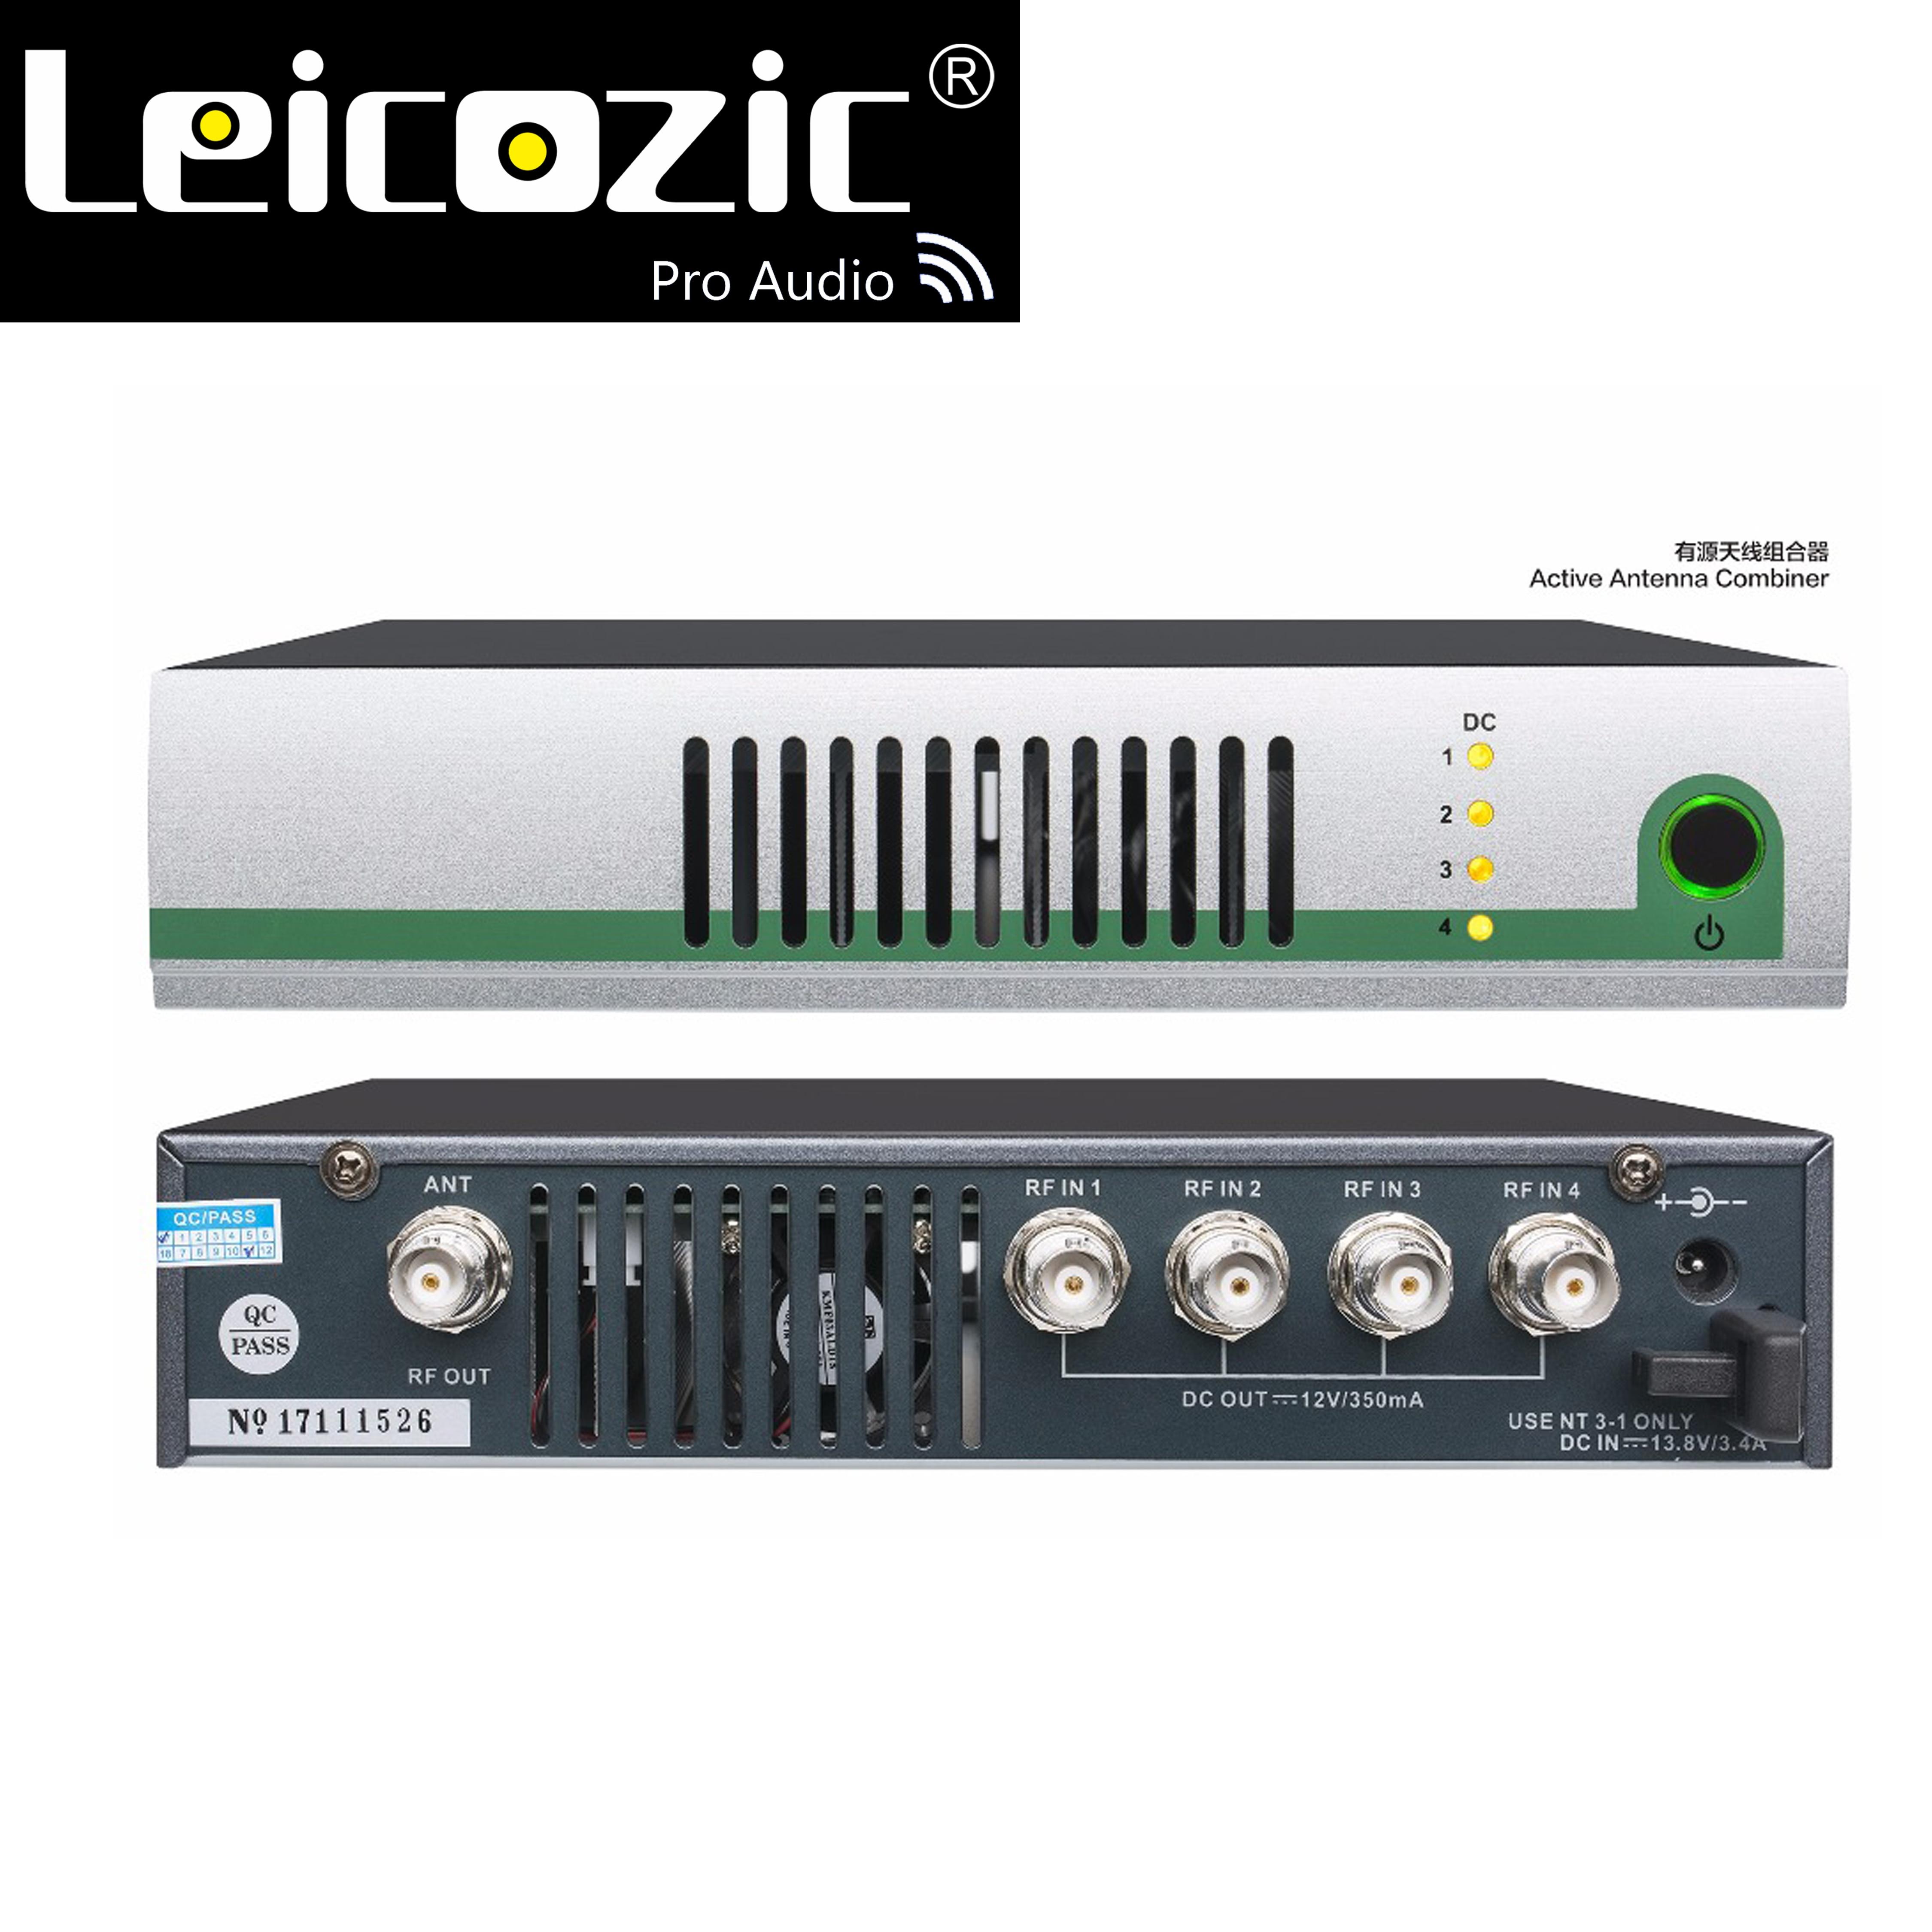 Leicozic UHF Antenne Power Verteilung System 500-950 mhz Breitband Aktive Antenne Combiner für in-ear-monitor SR2050 IEM